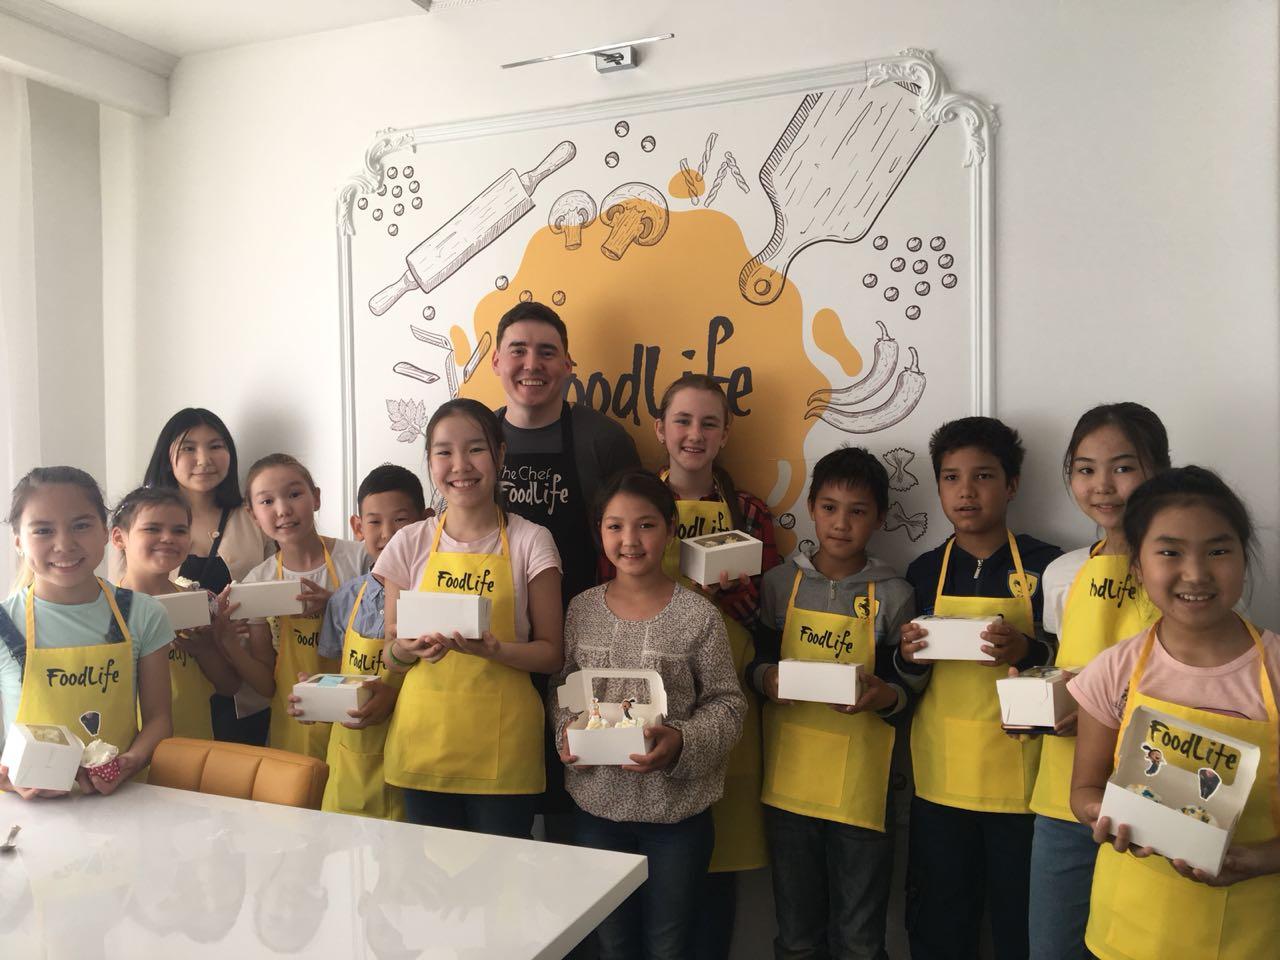 Год новаторства: добровольцы организовали для детей кулинарный мастер-класс